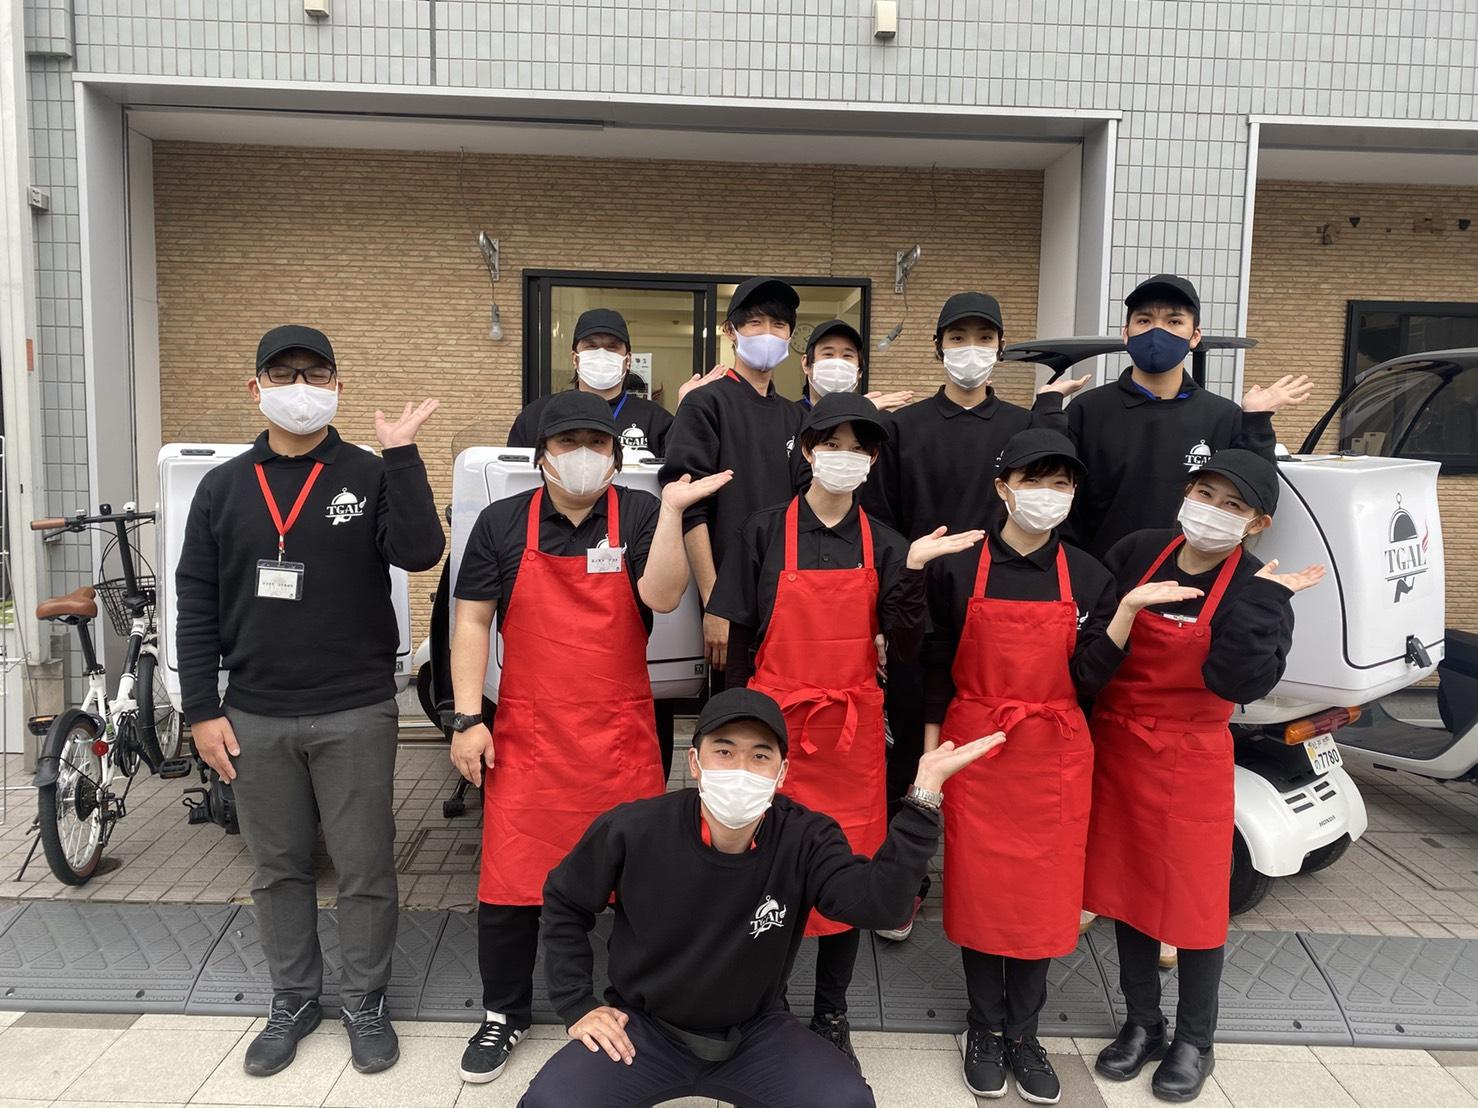 【新店舗】TGALデリバリー熊谷店が4月16日にオープン致しました。